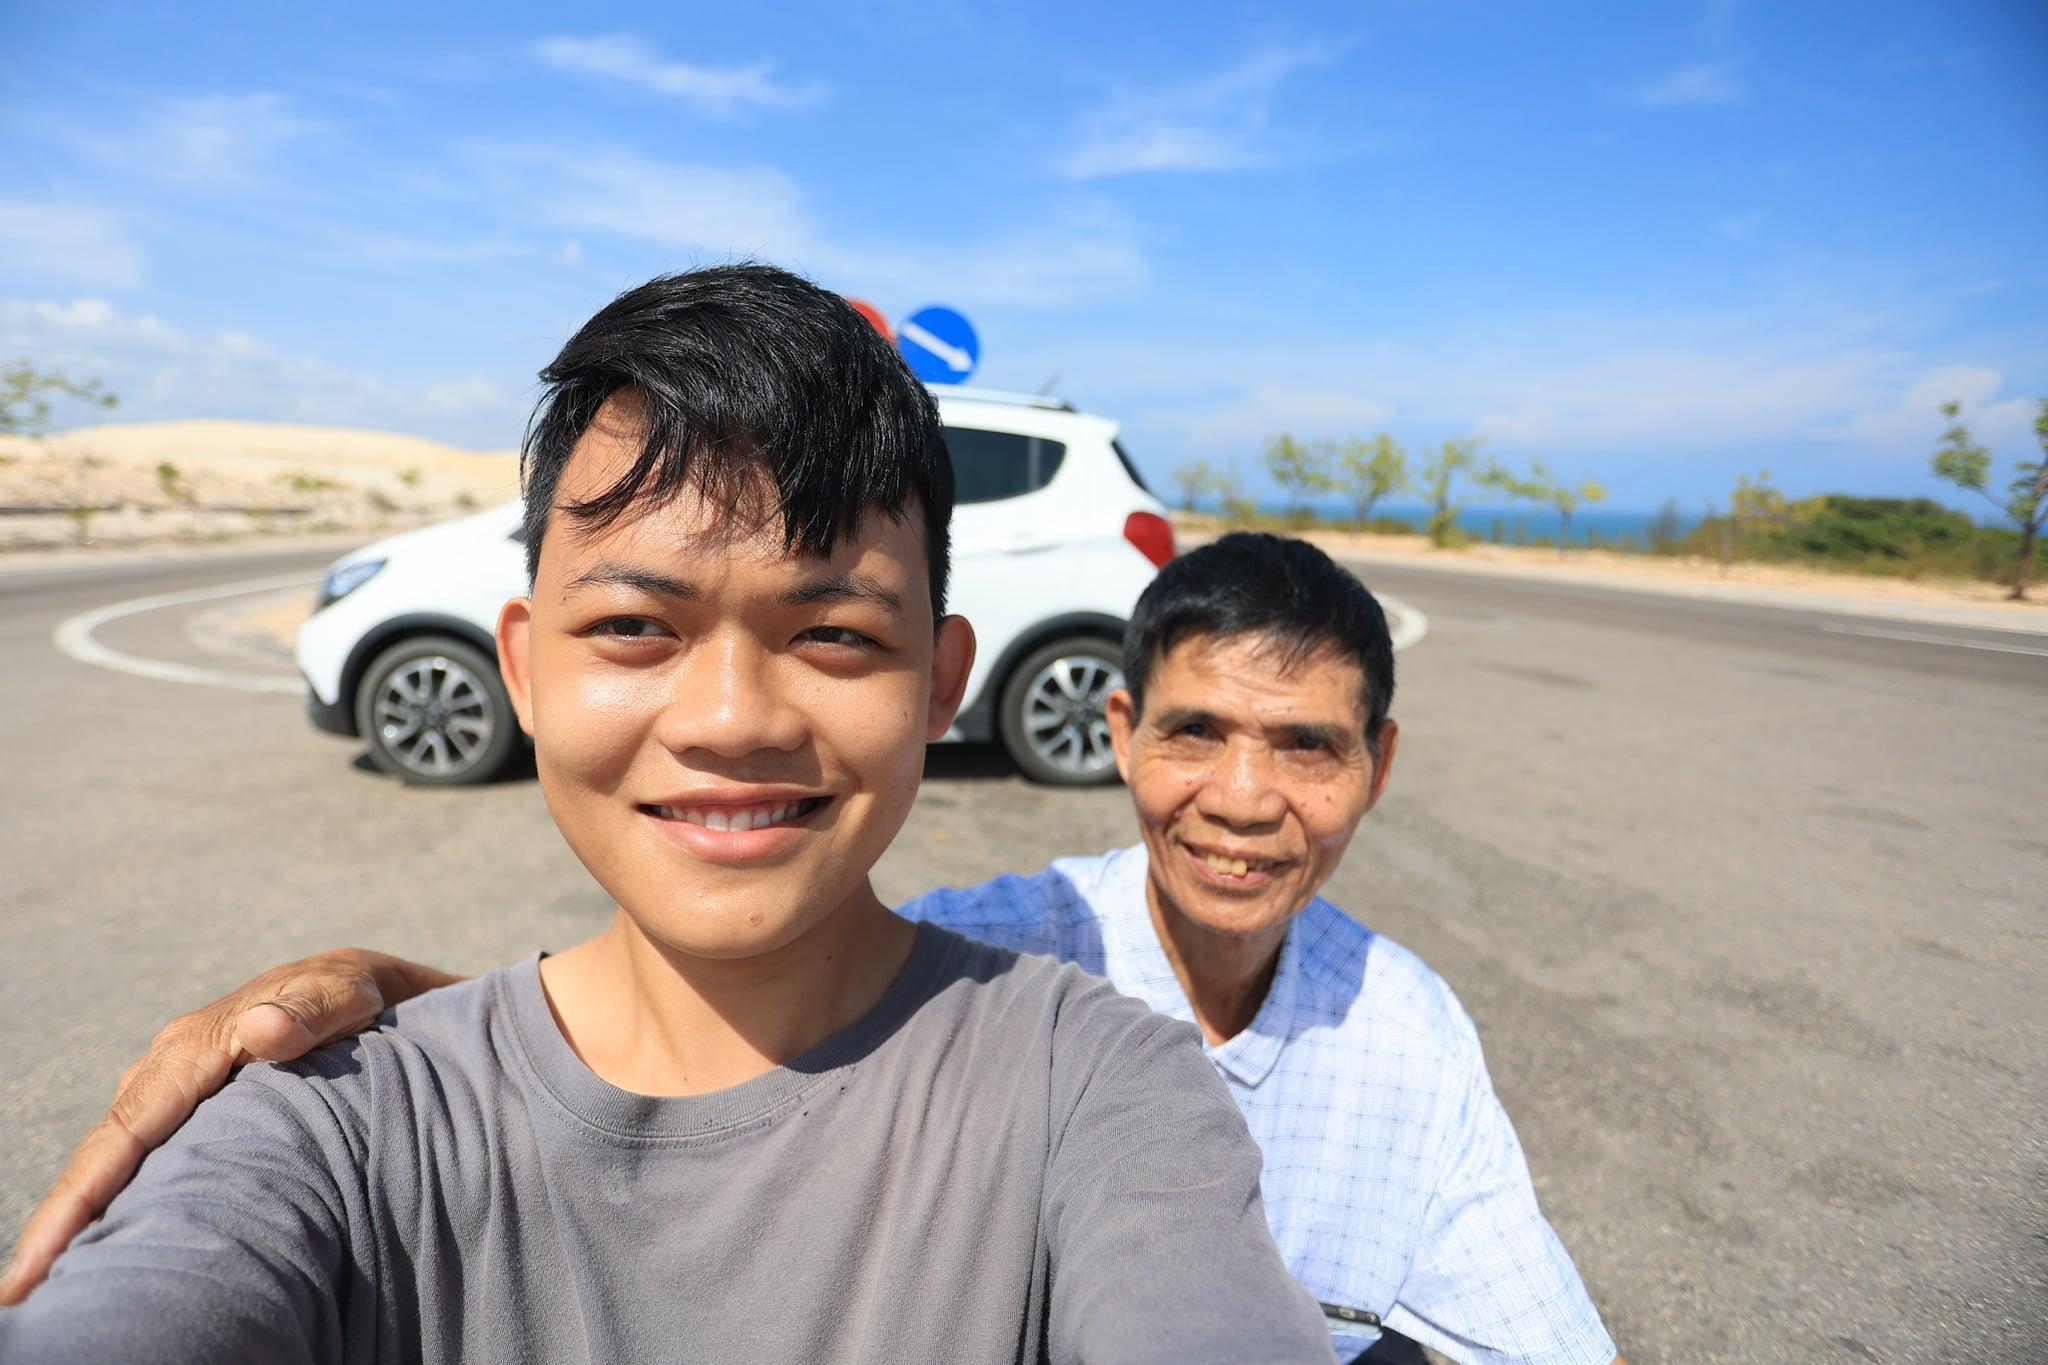 Hành trình xuyên Việt xúc động của chàng thanh niên 9x cùng 'bạn của ông nội' ảnh 2